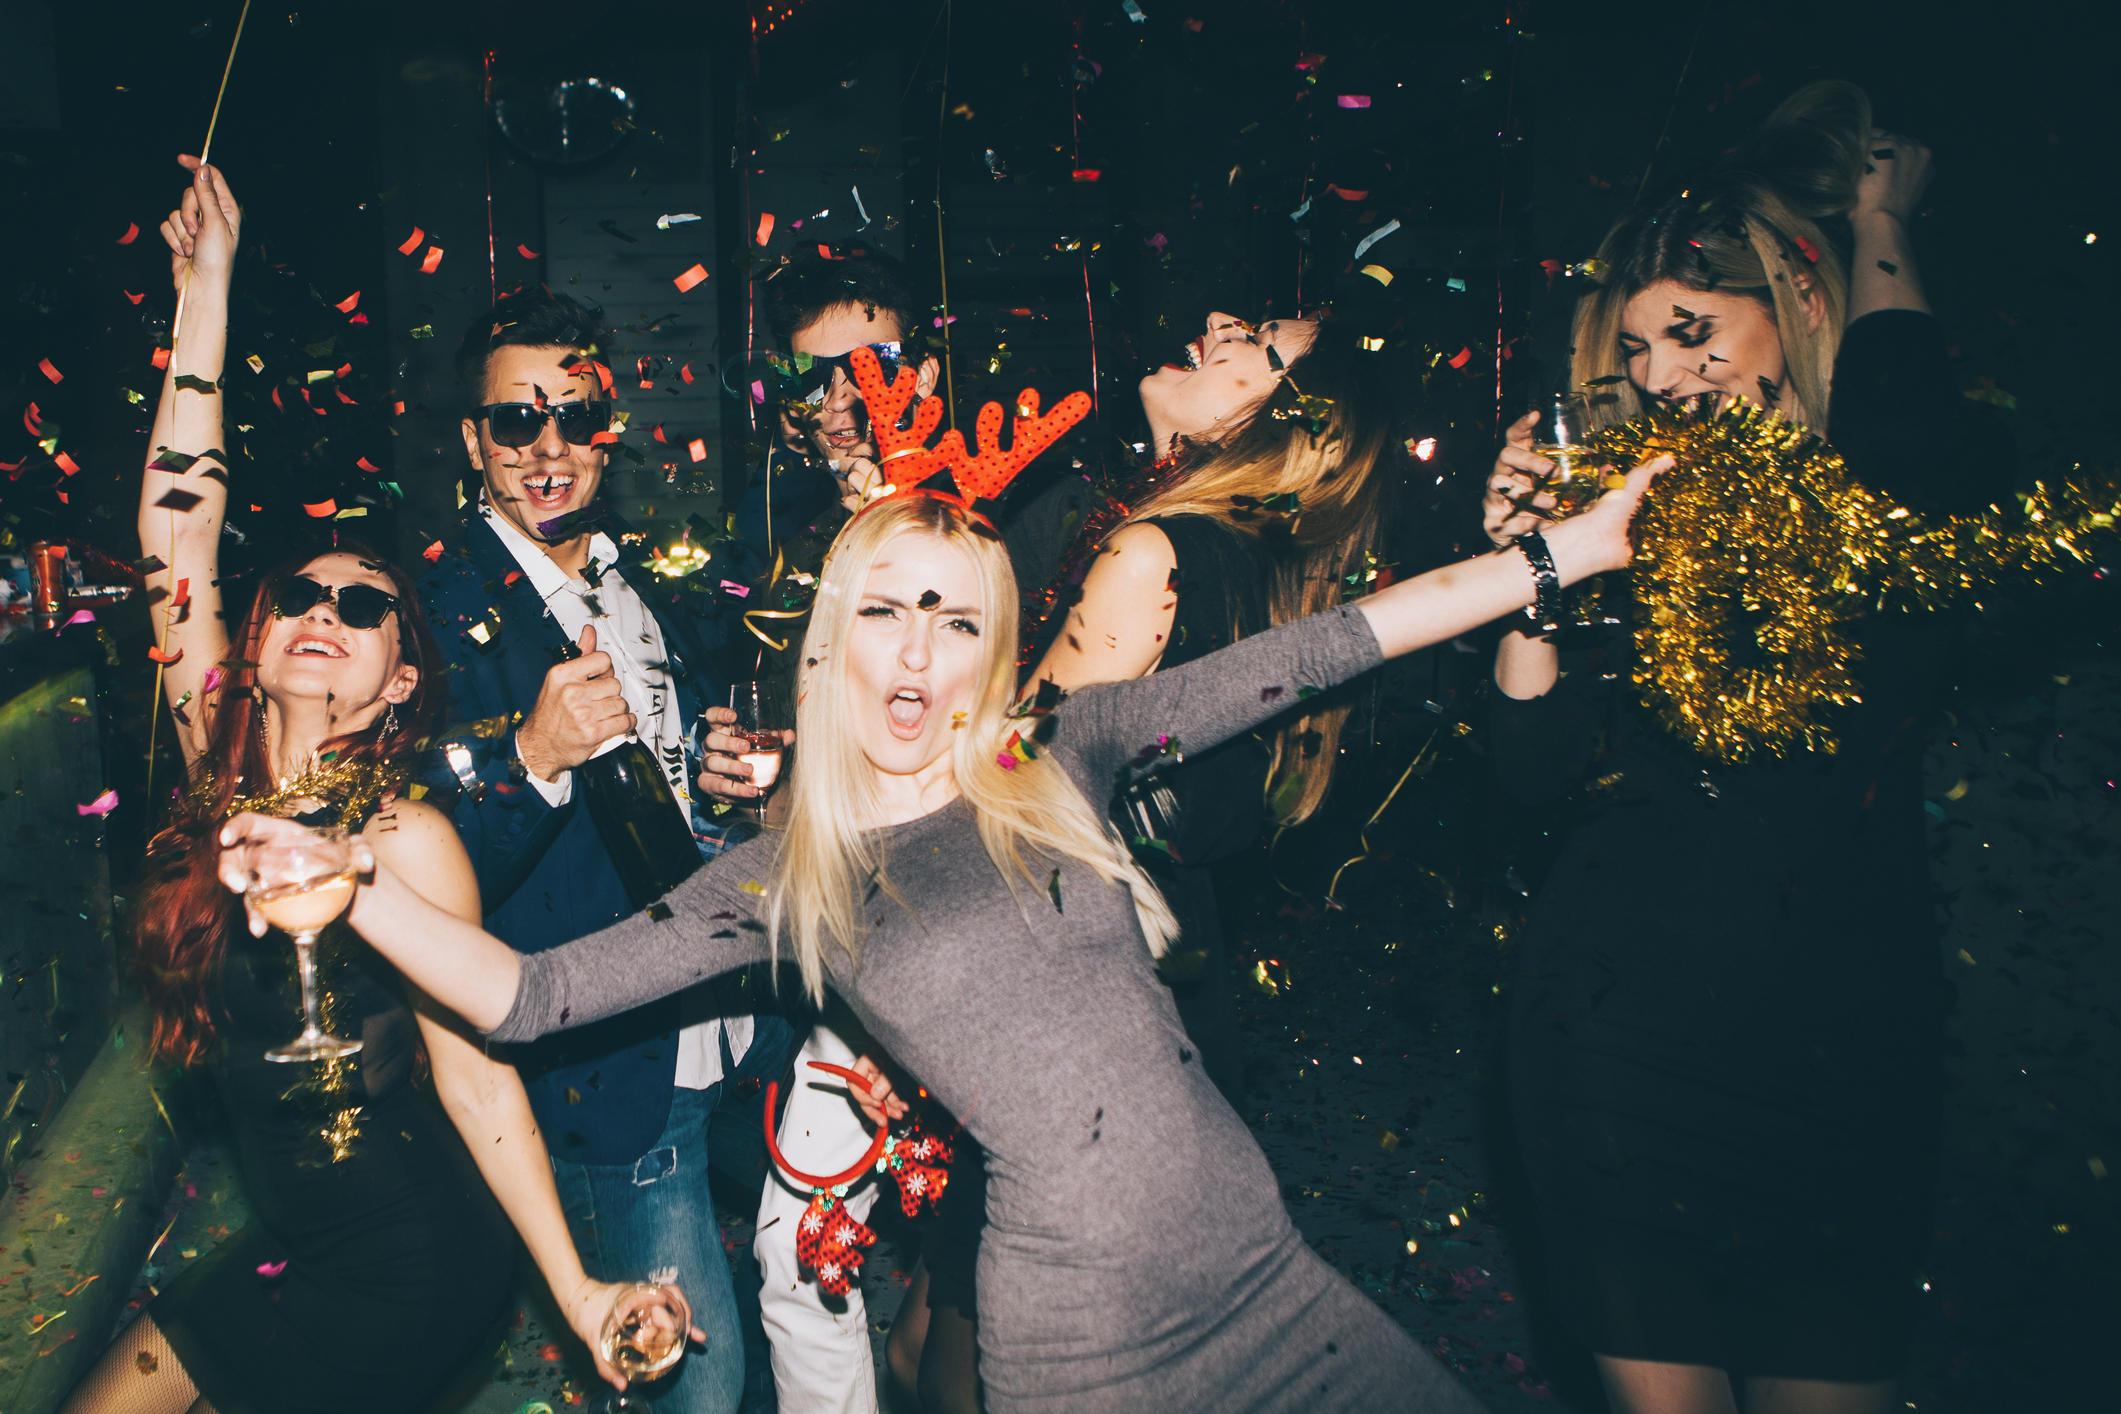 Frauen girls gone wild betrunken